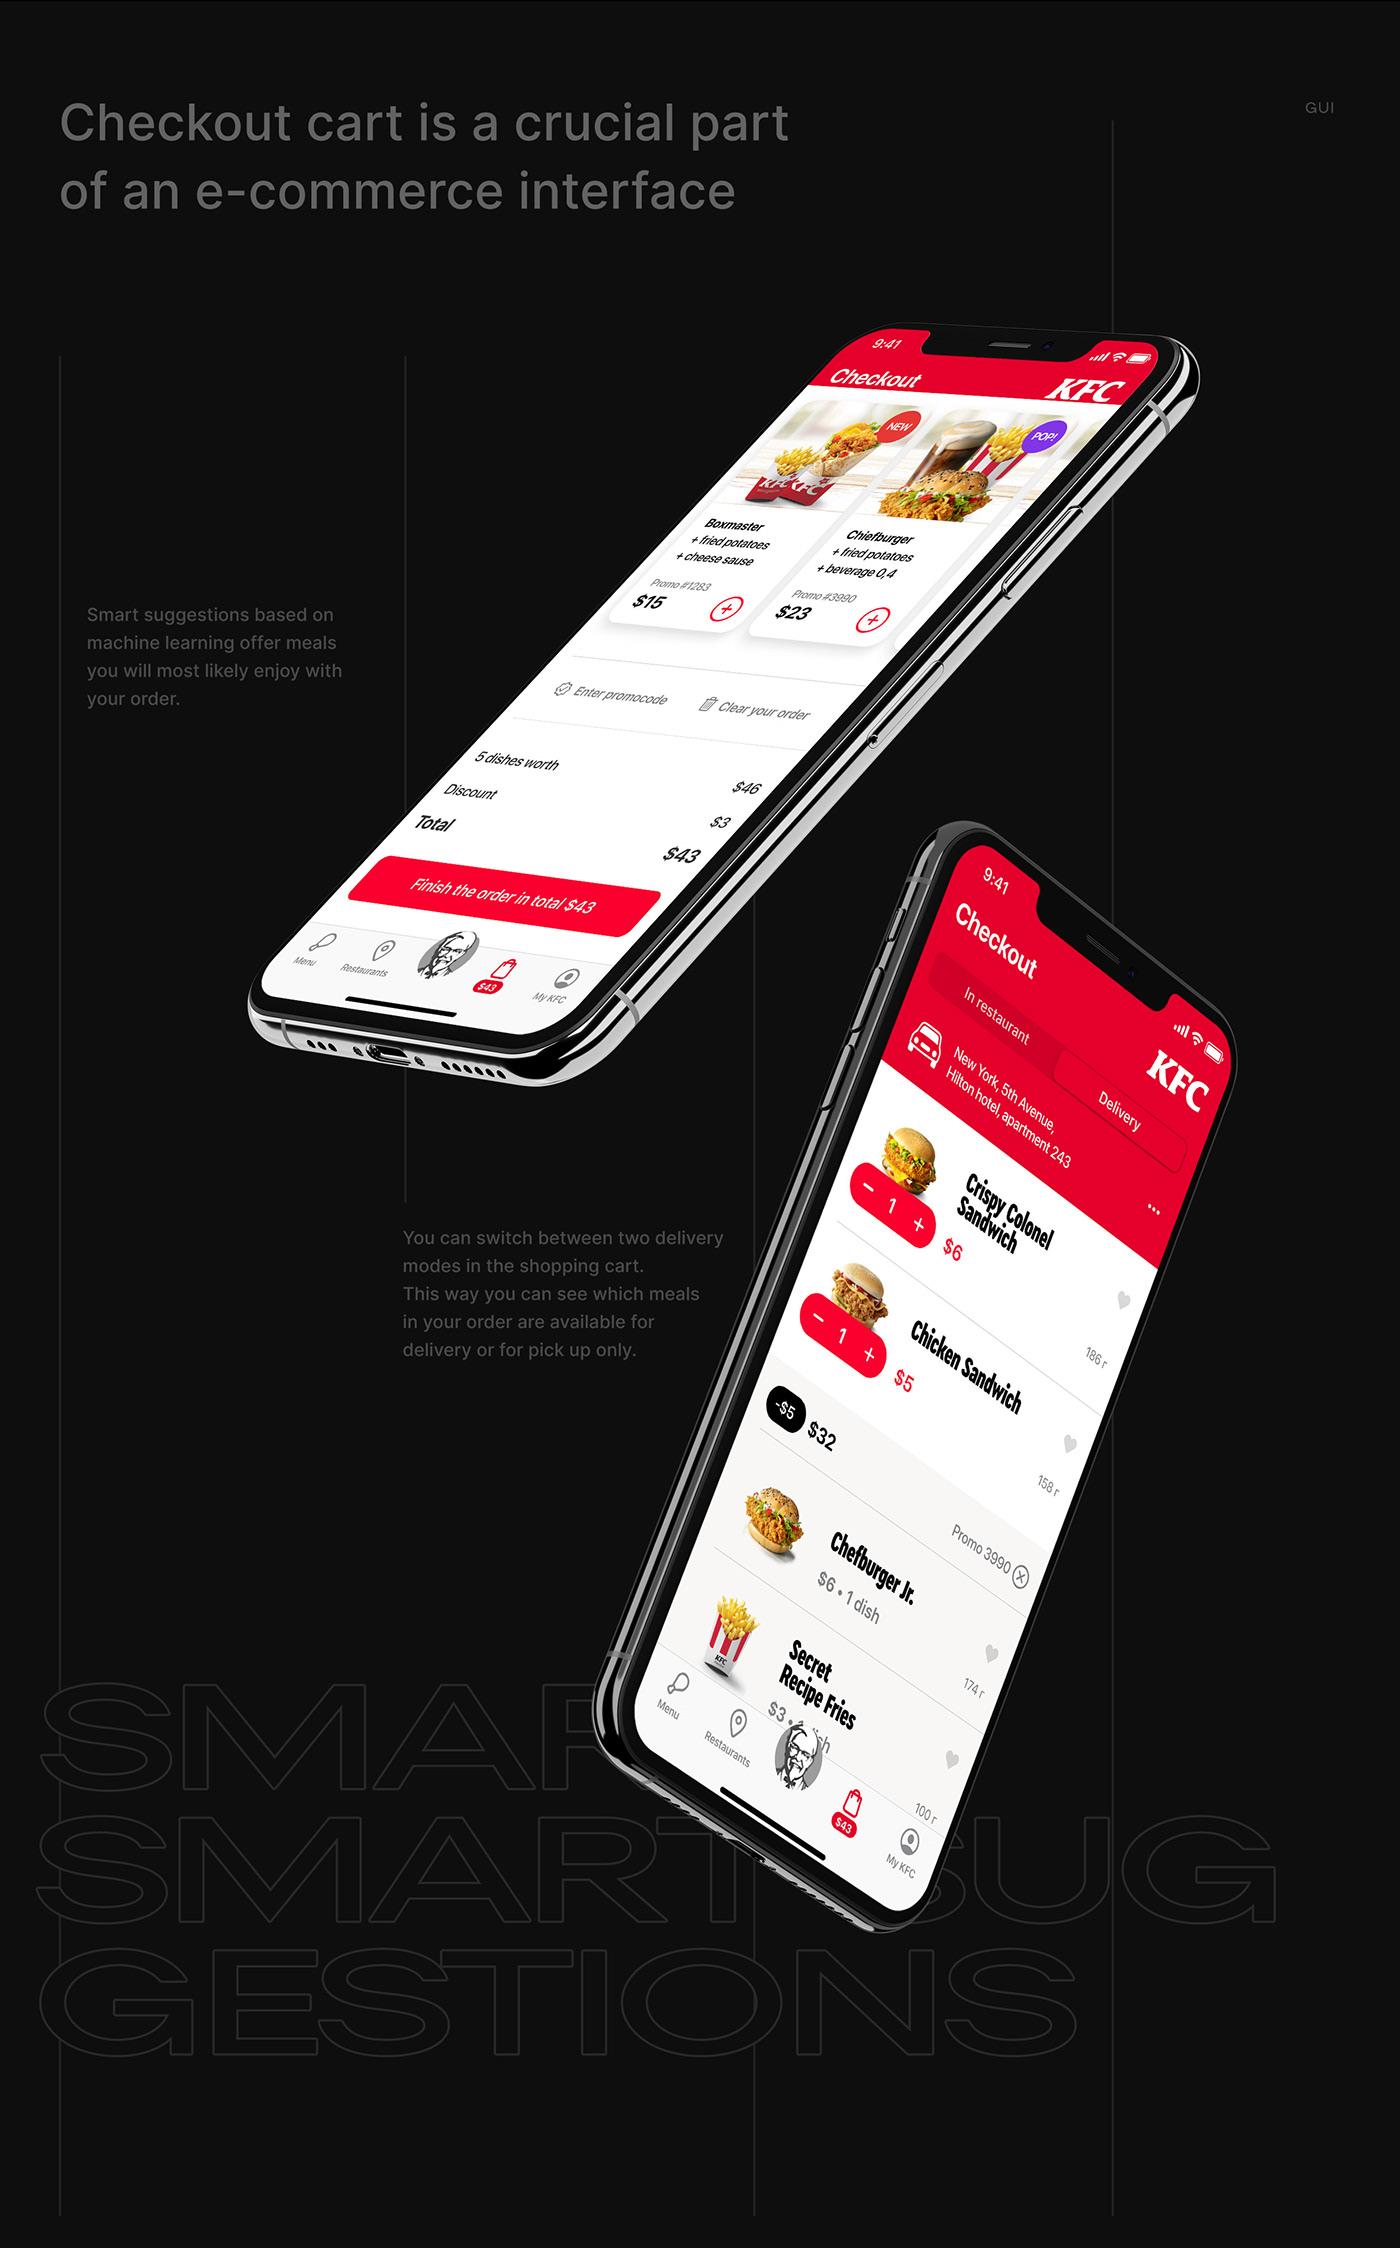 delivery food mobile app Food app design food app mobile foodtech ux future app mobile kfc app design kfc app ios design kfc app ux kfc russia Voice assistant